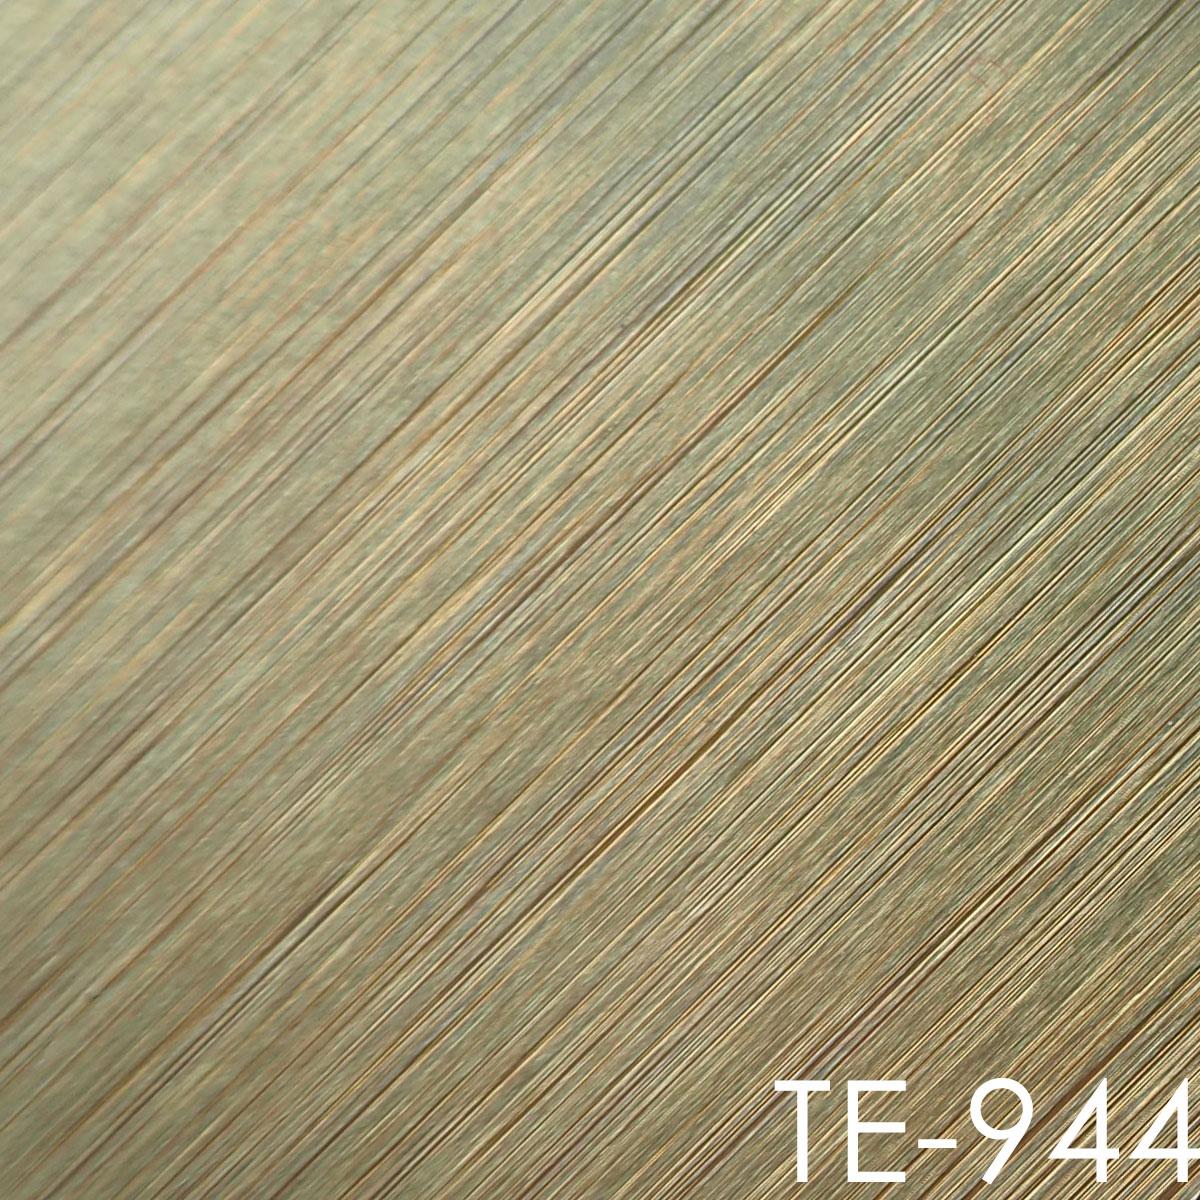 Metal szczotkowany do nadruku termotransferowego i sublimacji